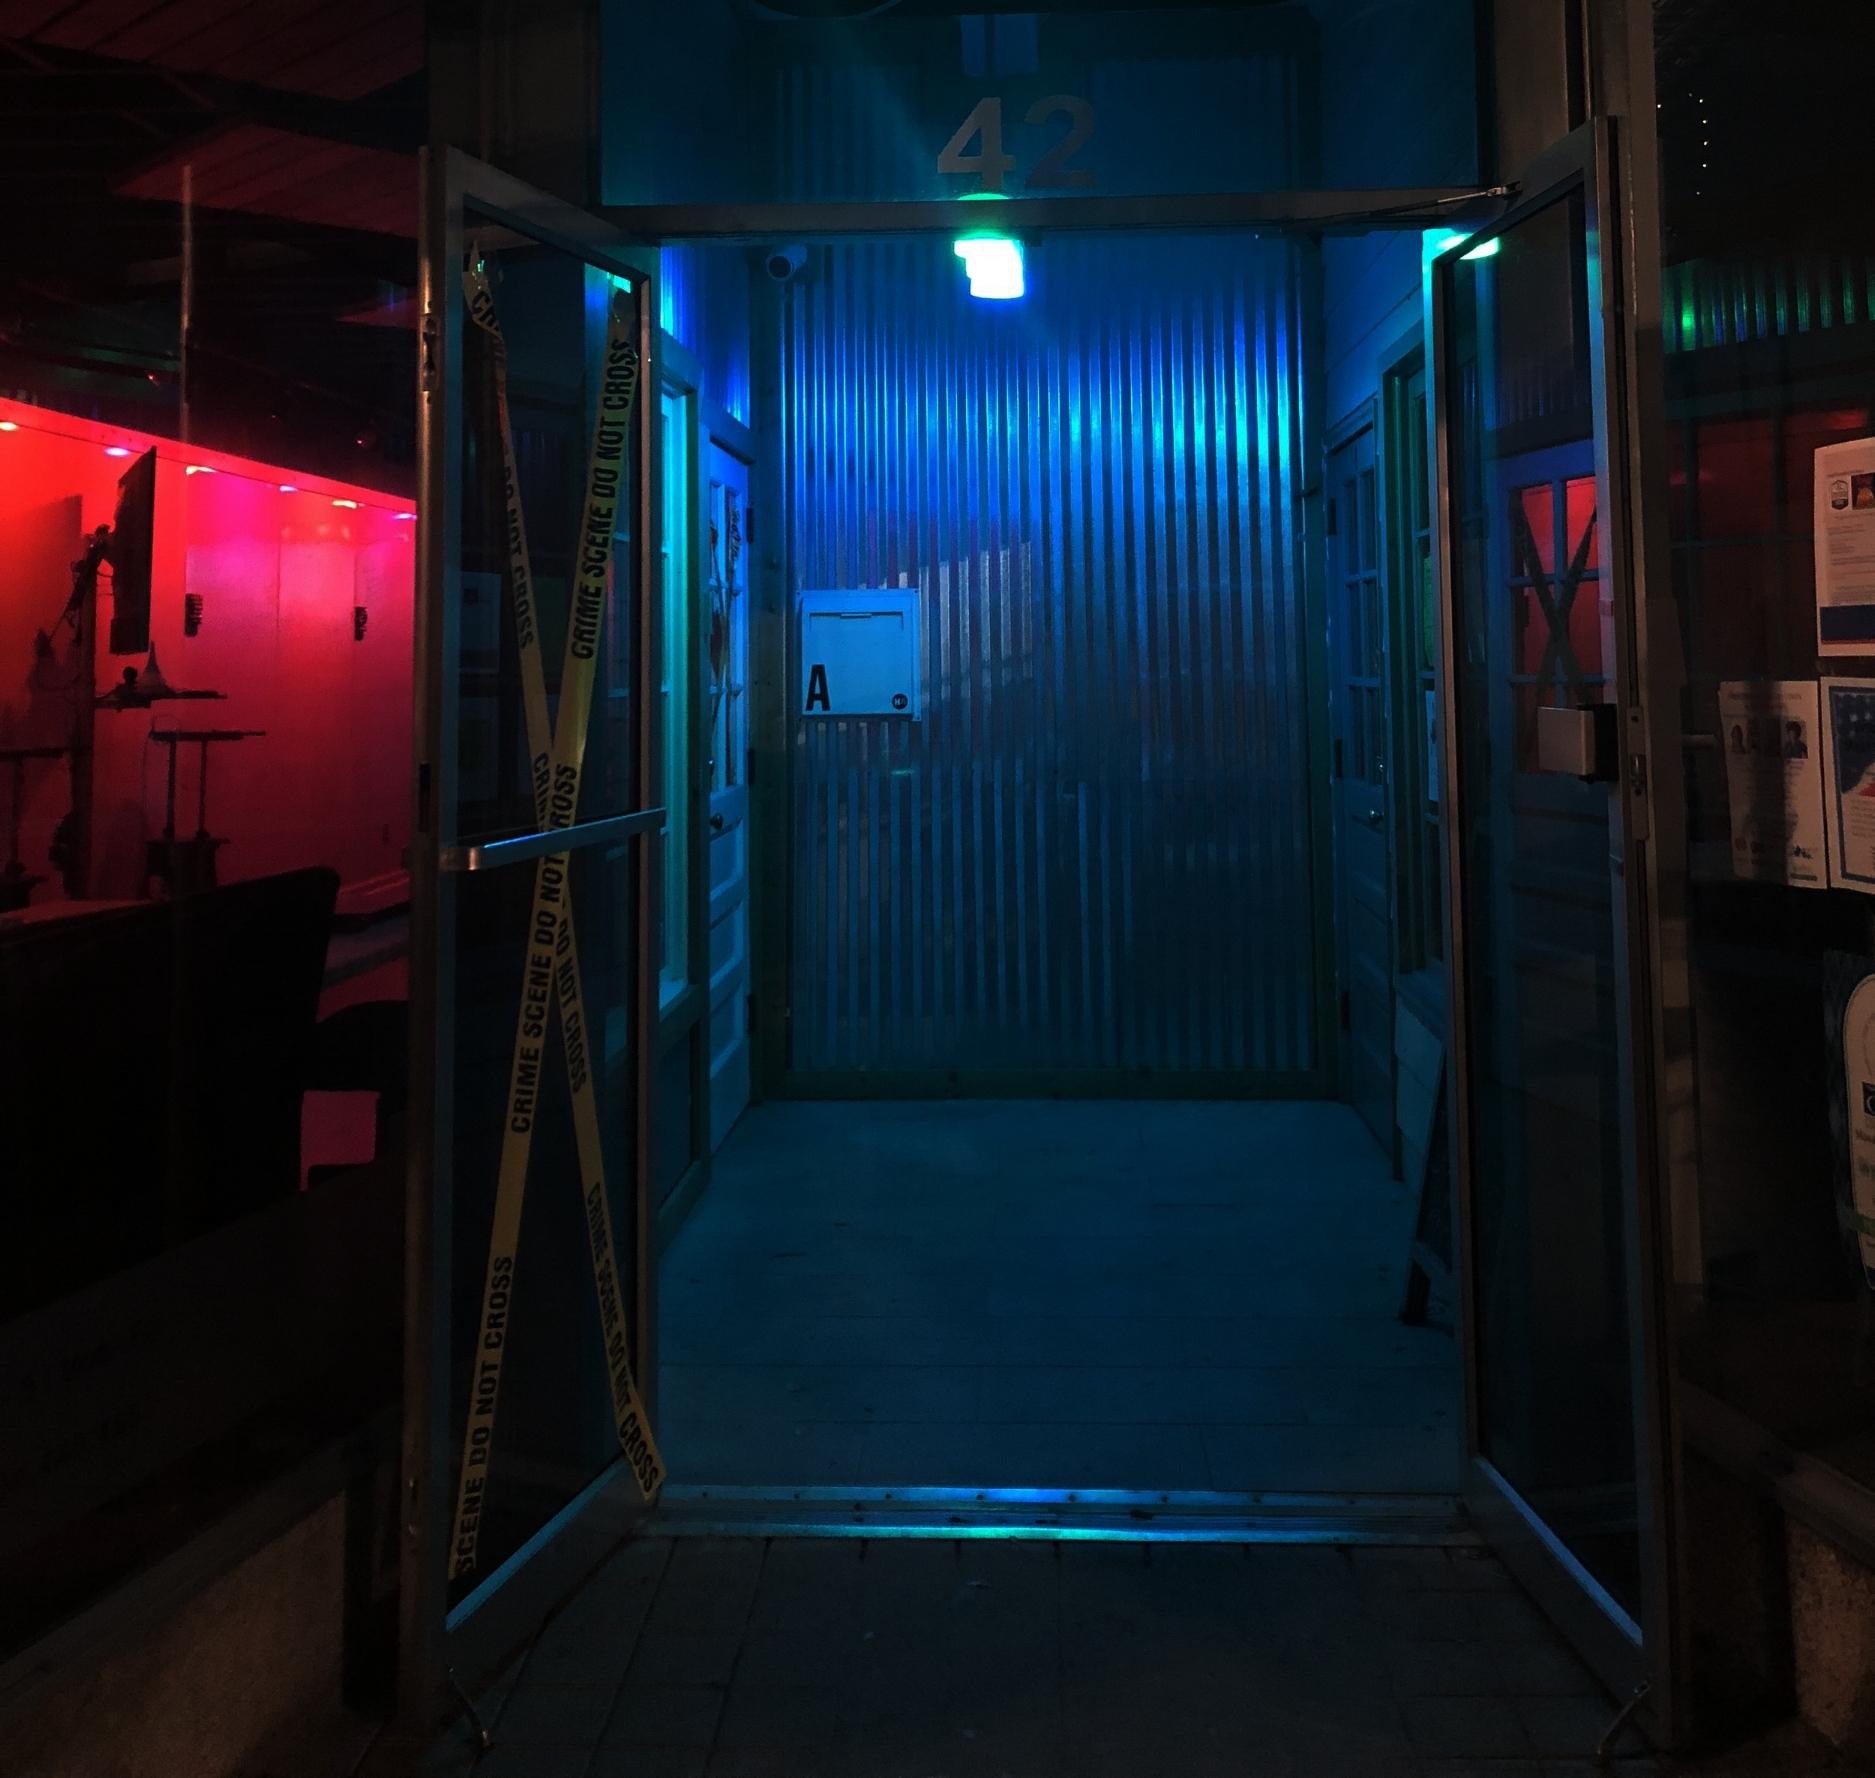 Camera Obscura -